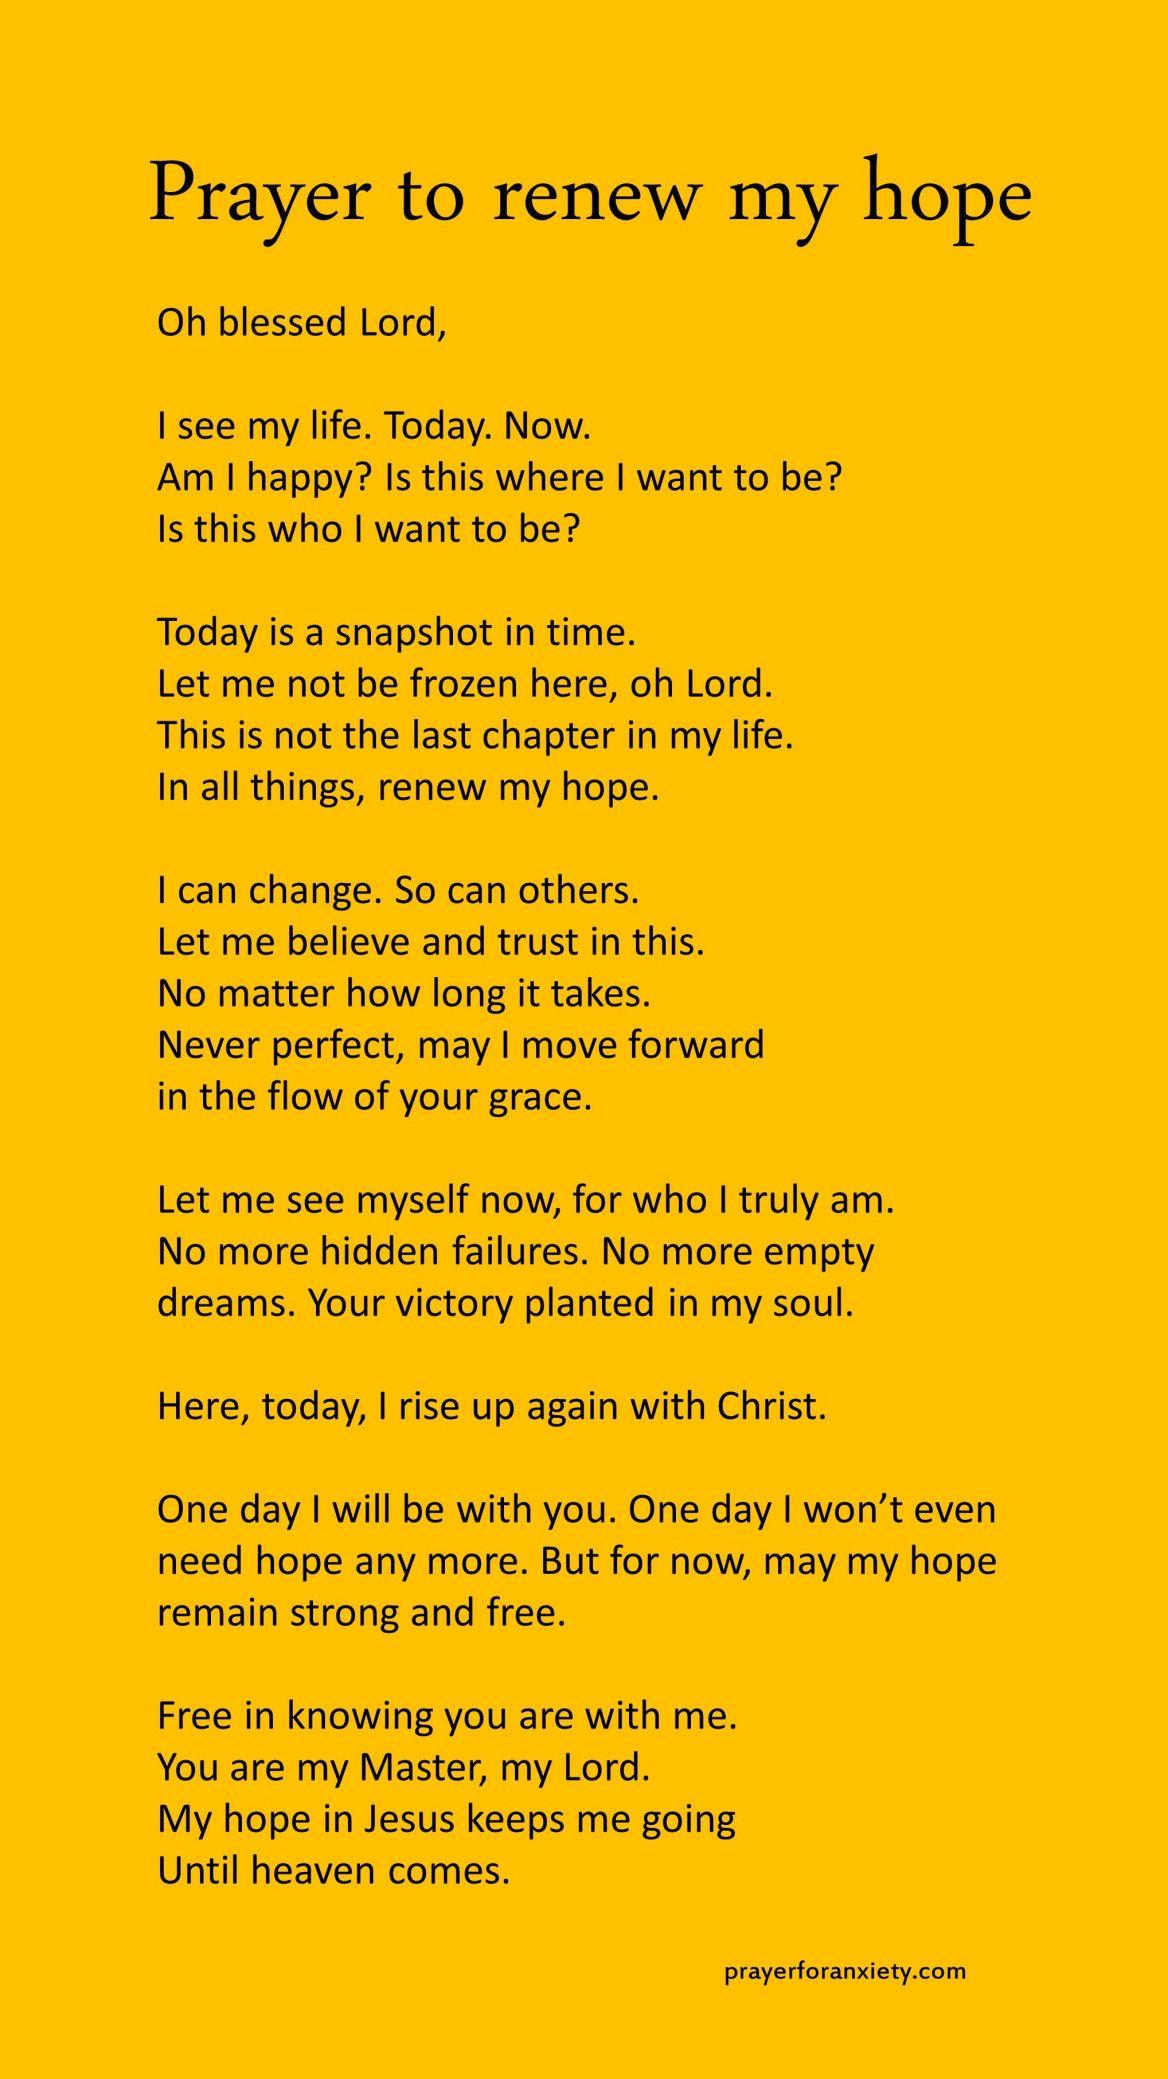 Prayer to renew my hope